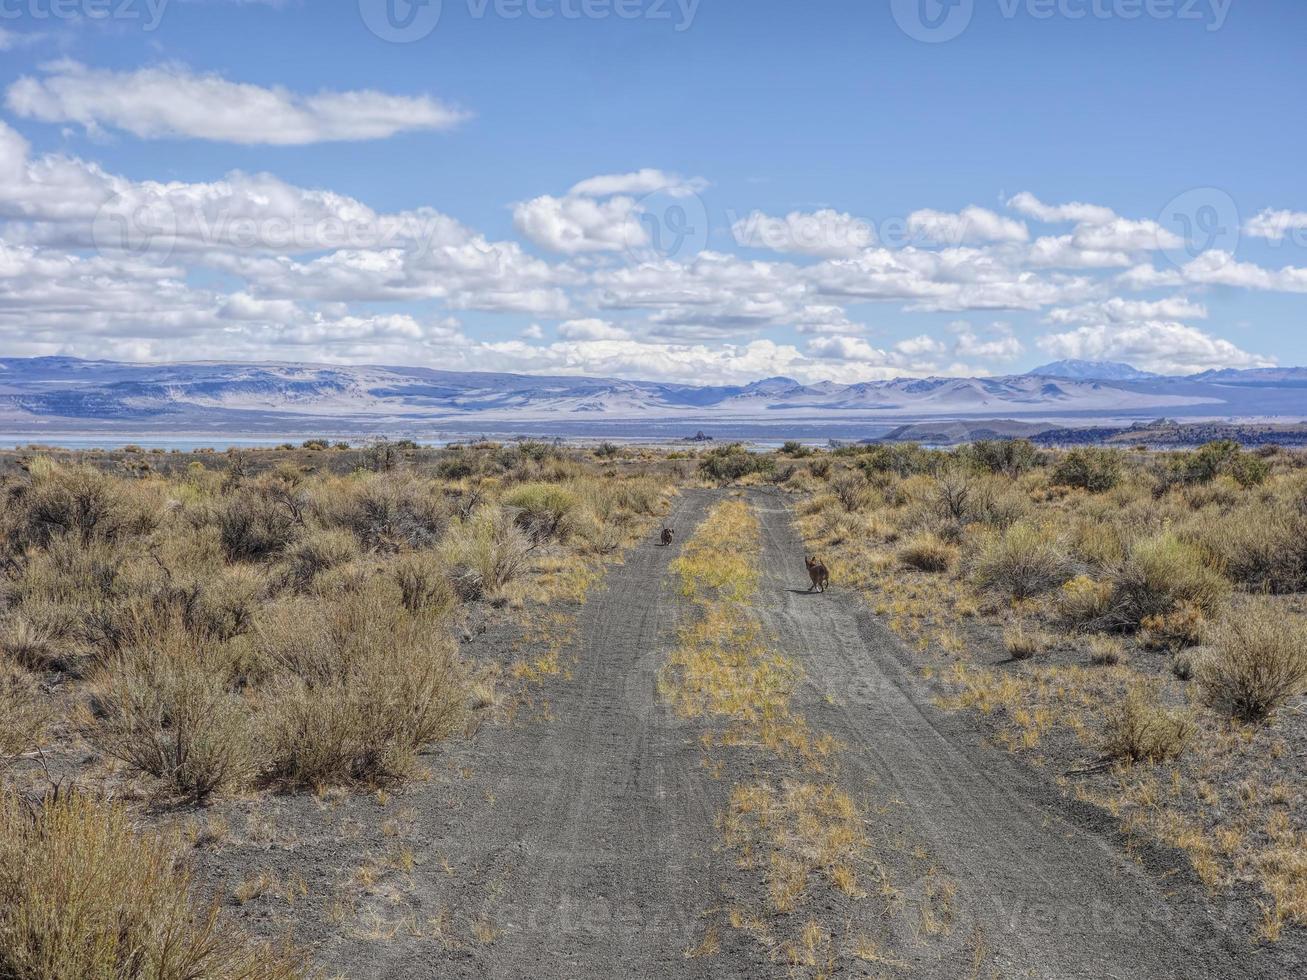 auf einer verlassenen Wüstenstraße foto